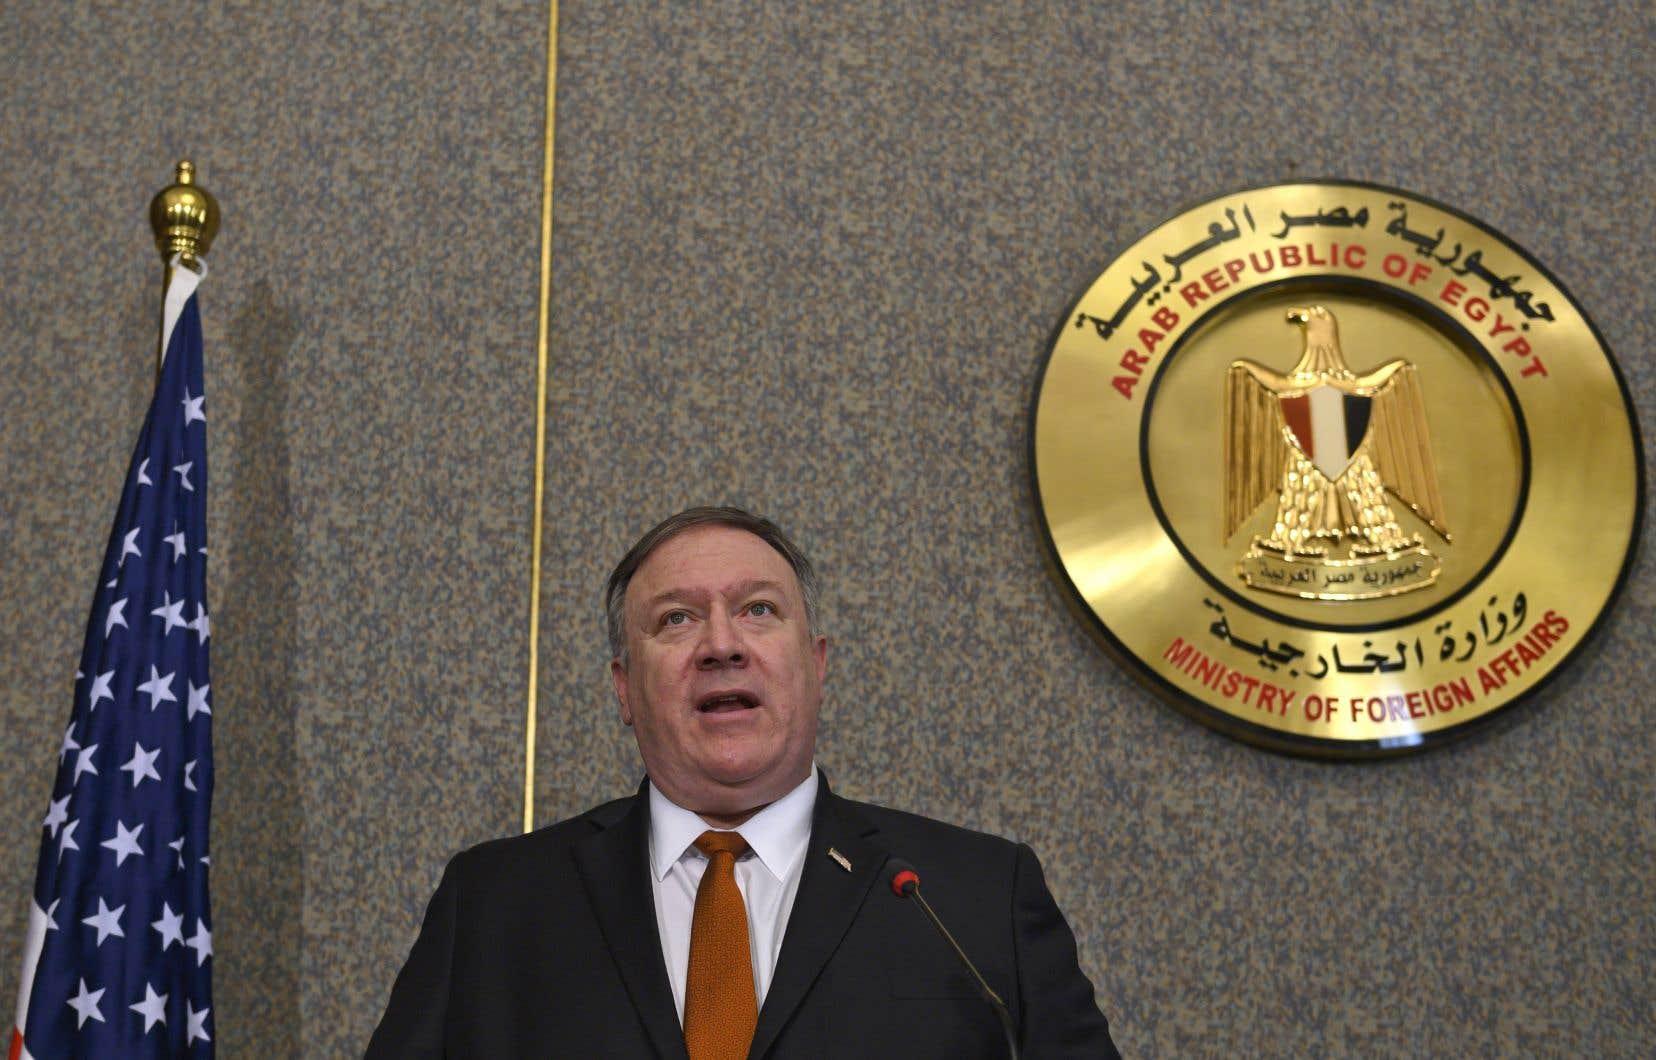 «Le président Trump a pris la décision de retirer nos troupes, nous allons le faire», a affirmé le chef de la diplomatie américaine, Mike Pompeo, lors d'une conférence de presse au Caire.